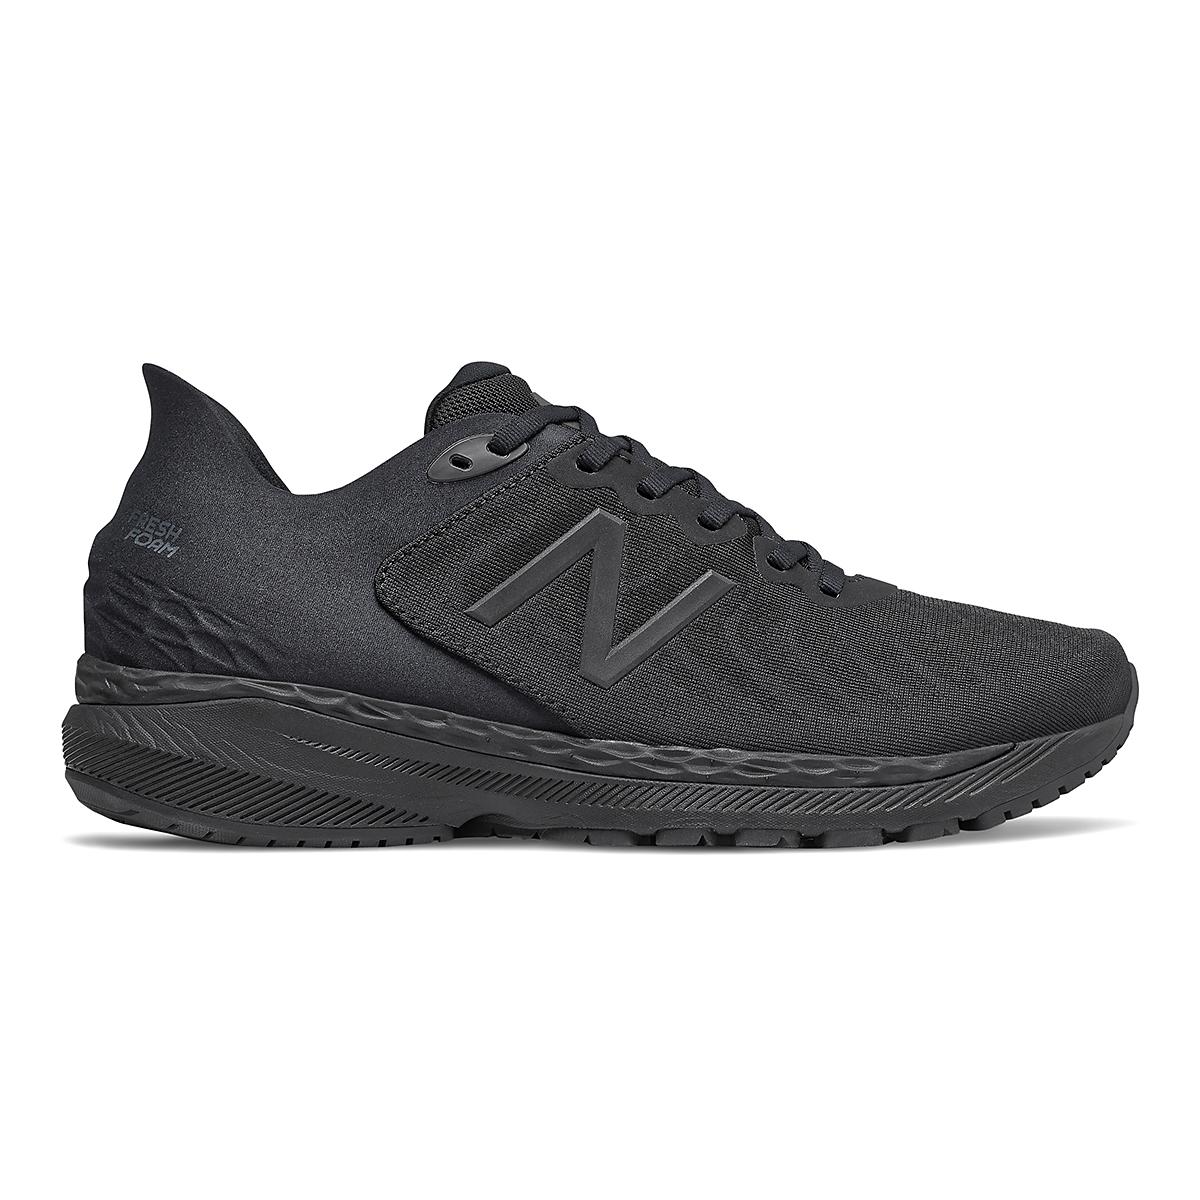 Men's New Balance 860V11 Running Shoe - Color: Black - Size: 8.5 - Width: Regular, Black, large, image 1